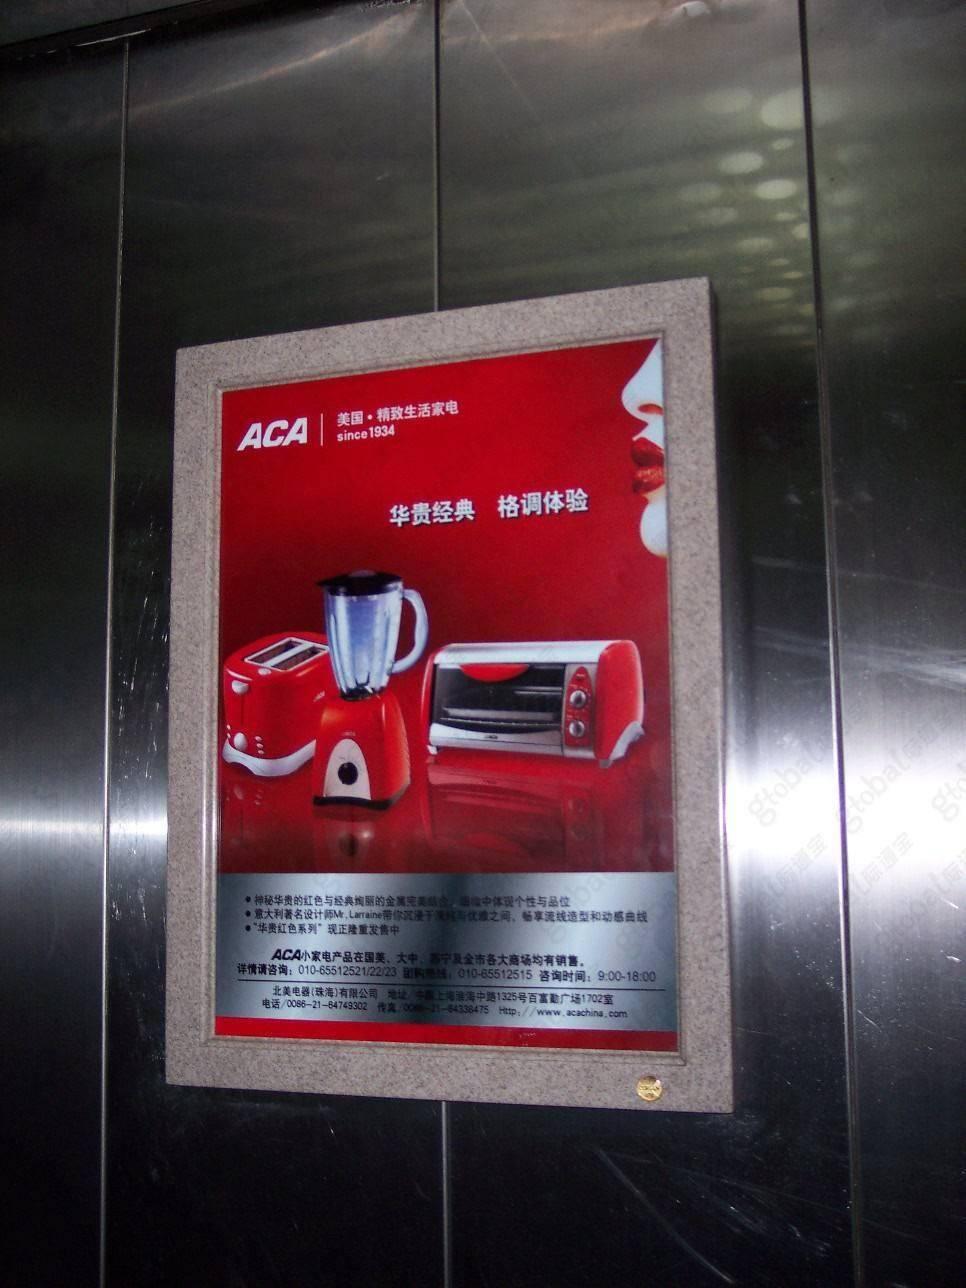 上海电梯广告公司广告牌框架3.0投放(100框起投)